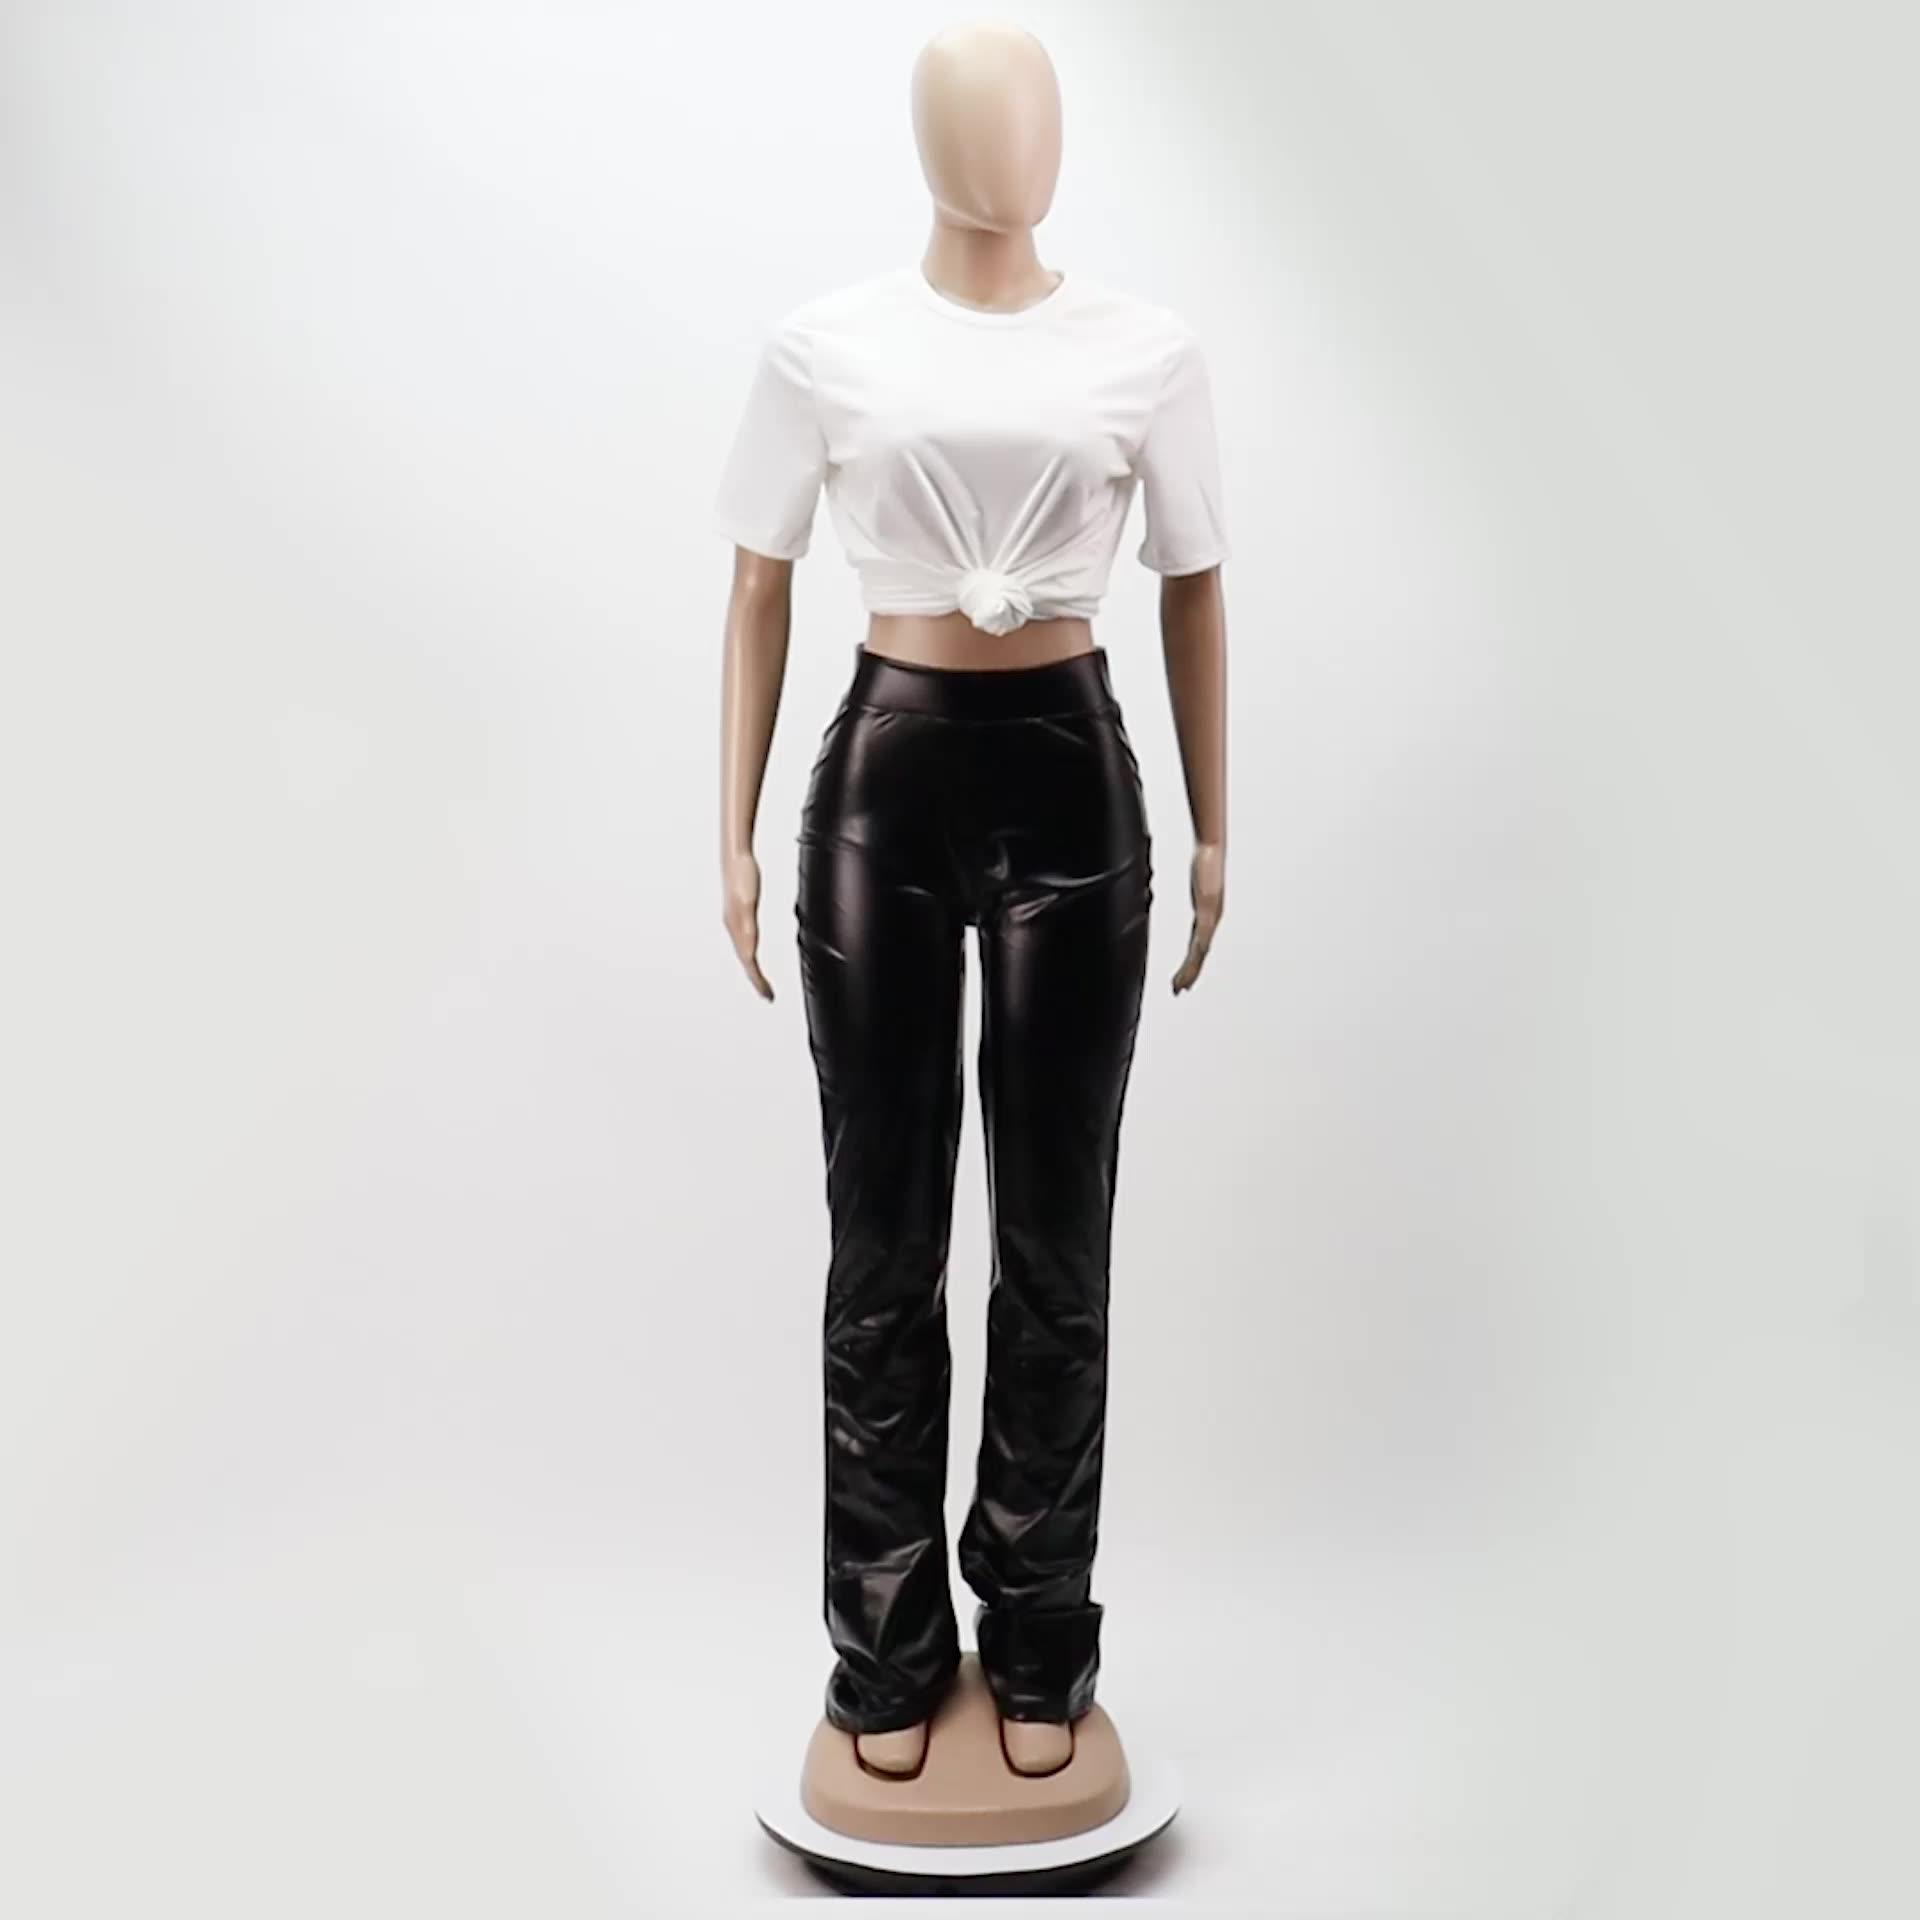 ผู้หญิงกลางเอวฤดูใบไม้ร่วงฤดูหนาวใหม่ผลิตภัณฑ์CasualกางเกงขายาวPUหนังFlaredซ้อนกางเกง